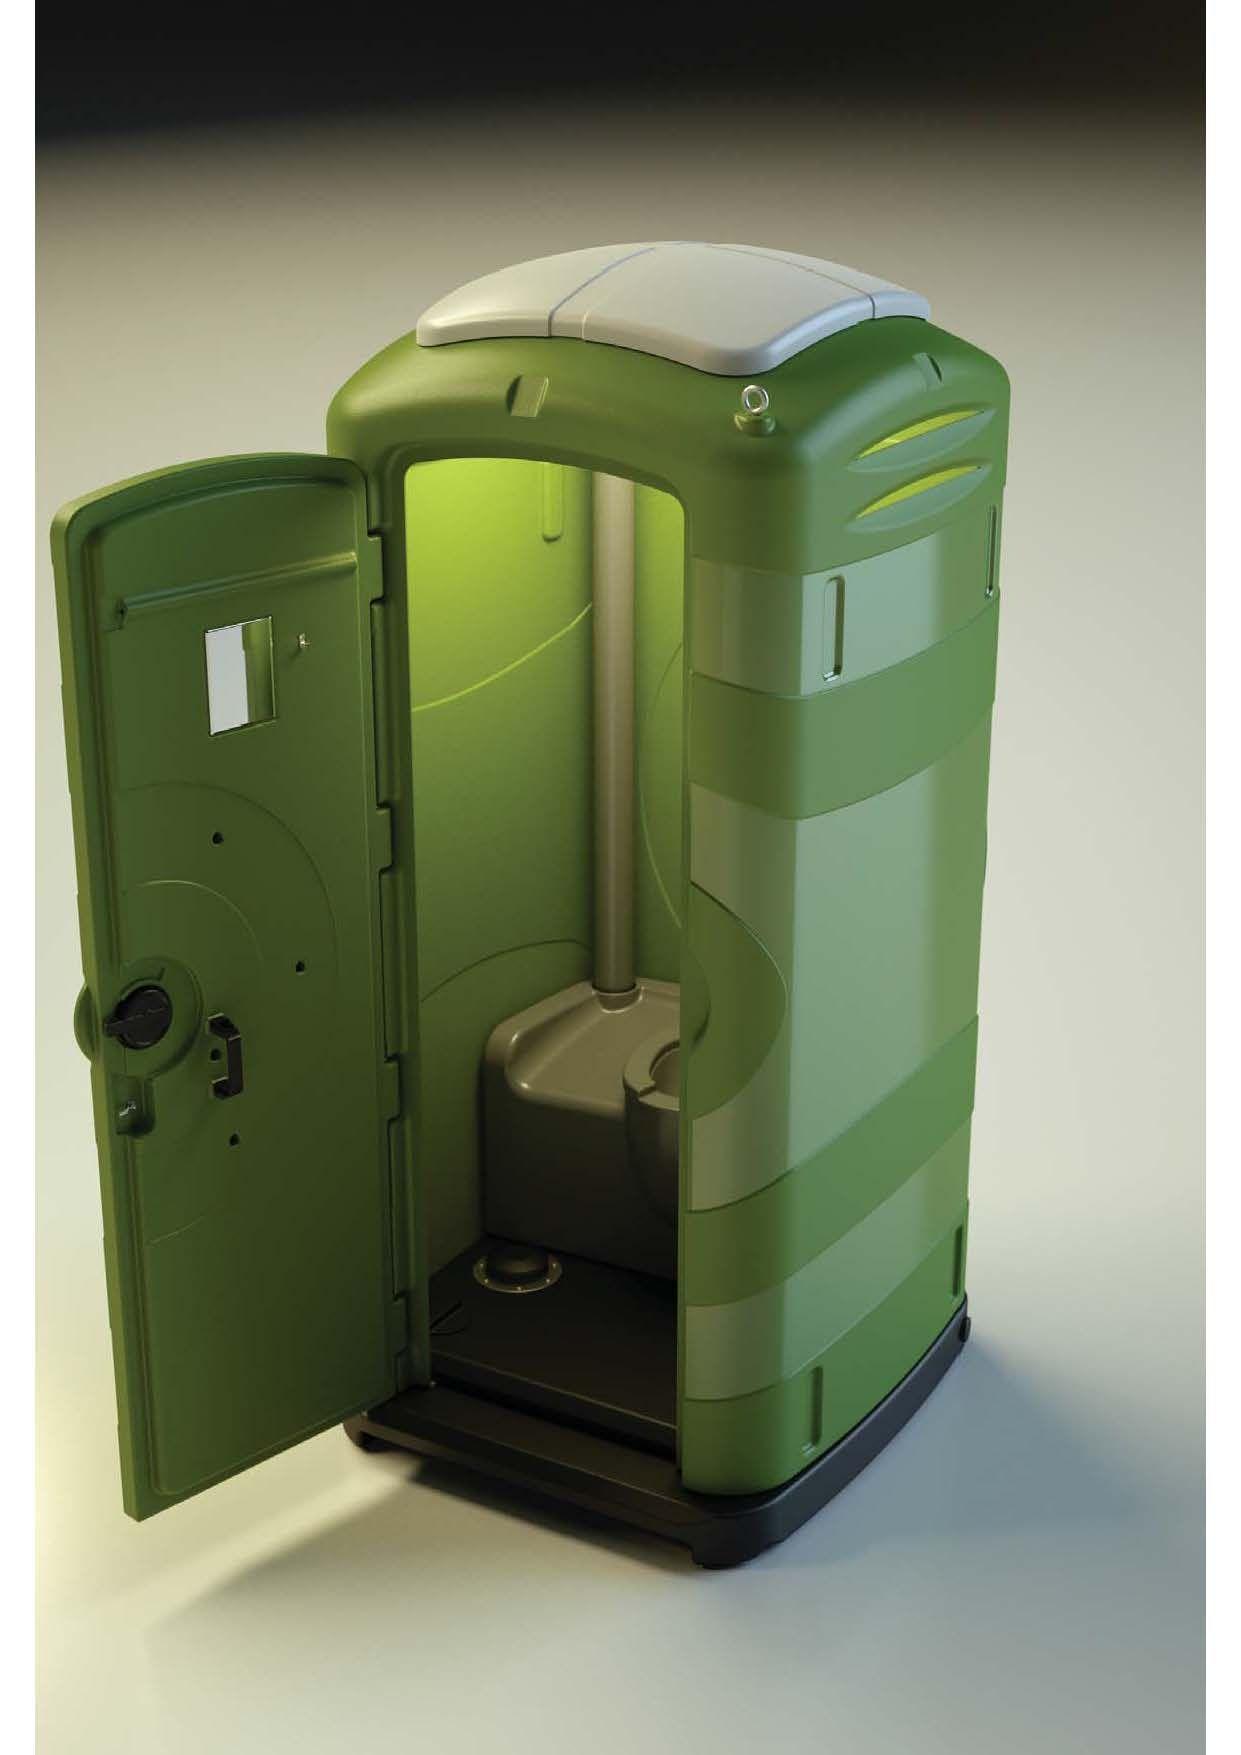 Wc Autonome A L'Anglaise Maxi Cabi serapportantà Toilettes Chimiques